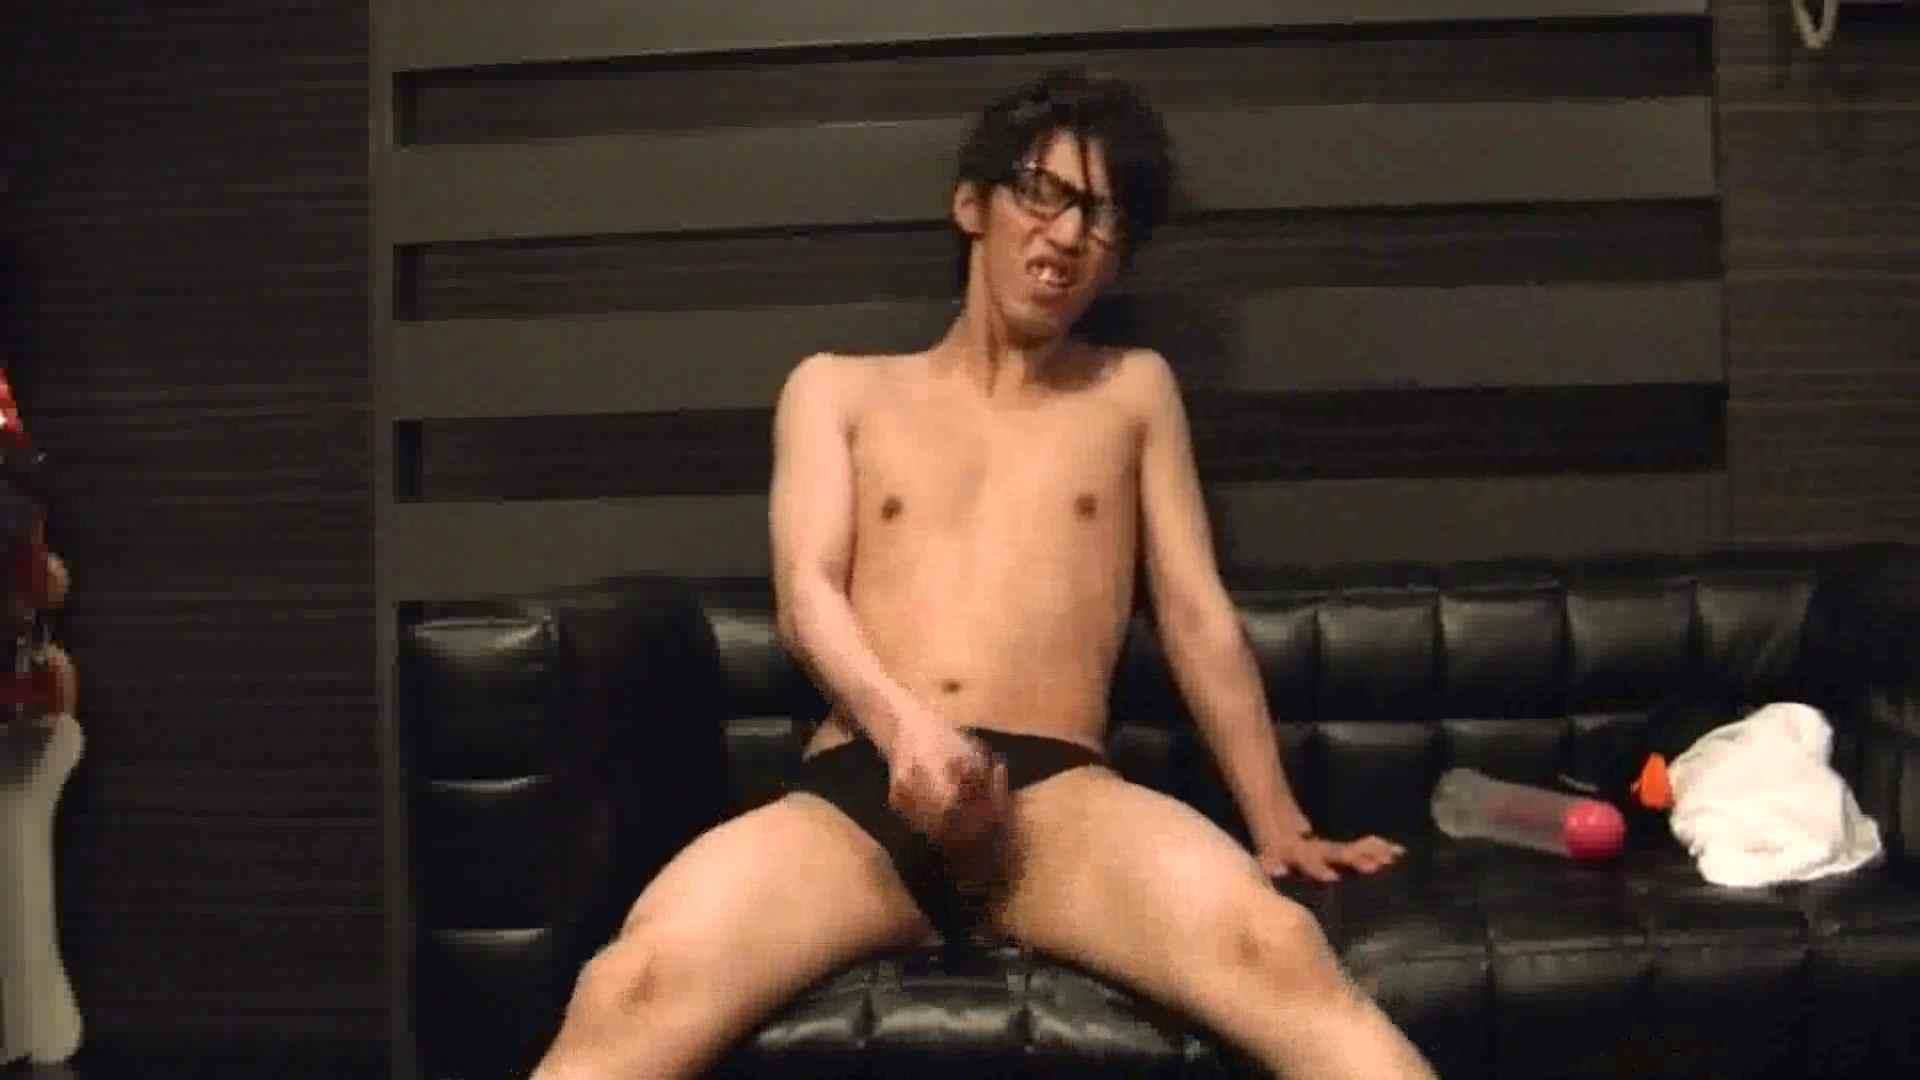 ONA見せカーニバル!! Vol3 男の世界 | オナニー専門男子  98画像 13